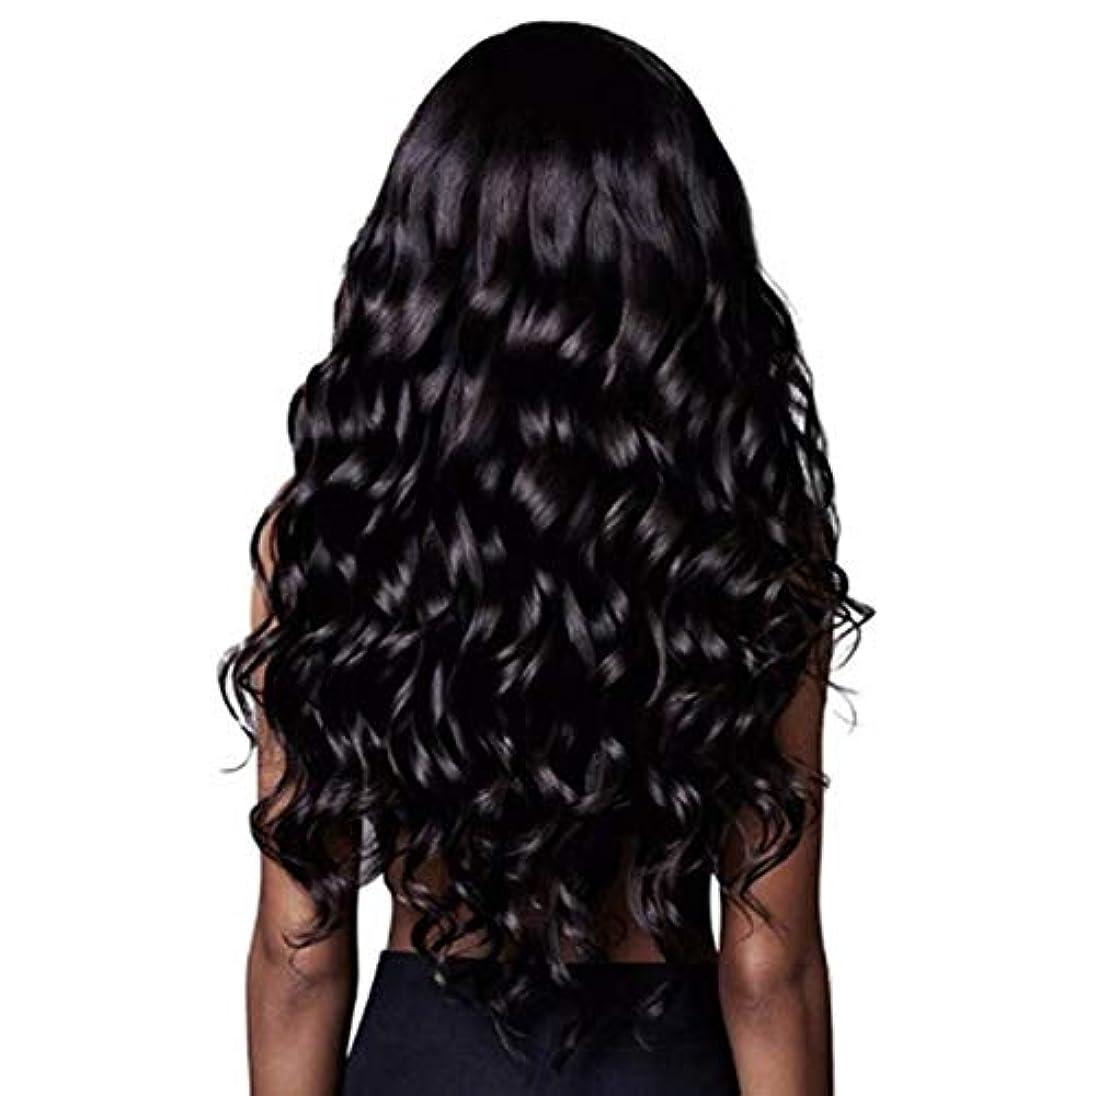 矢じりすべてリーSummerys 長い巻き毛のかつら自然な探している長い波状の右側面別れなしレースの交換用のかつらフルダークブラウン合成かつら